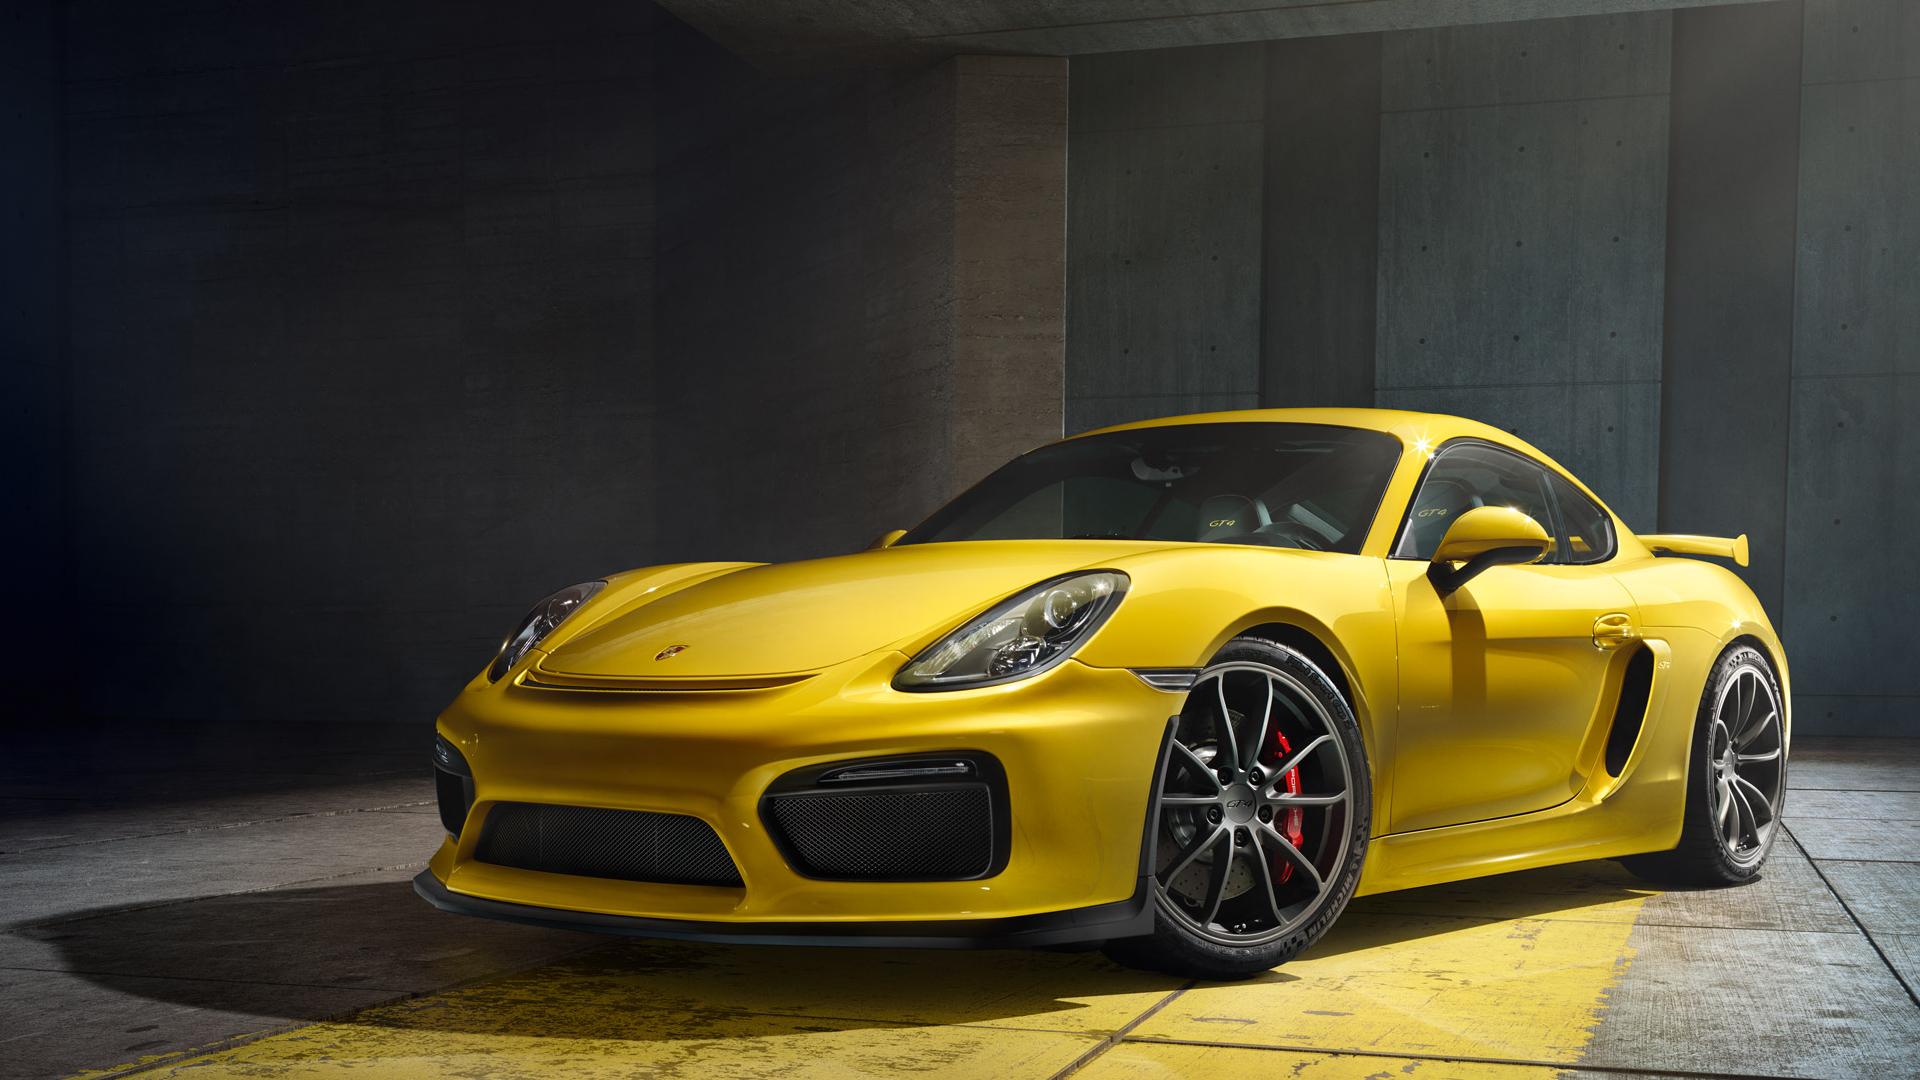 Porsche Cayman GT4 Fond d'écran HD | Arrière-Plan | 1920x1080 | ID:597706 - Wallpaper Abyss